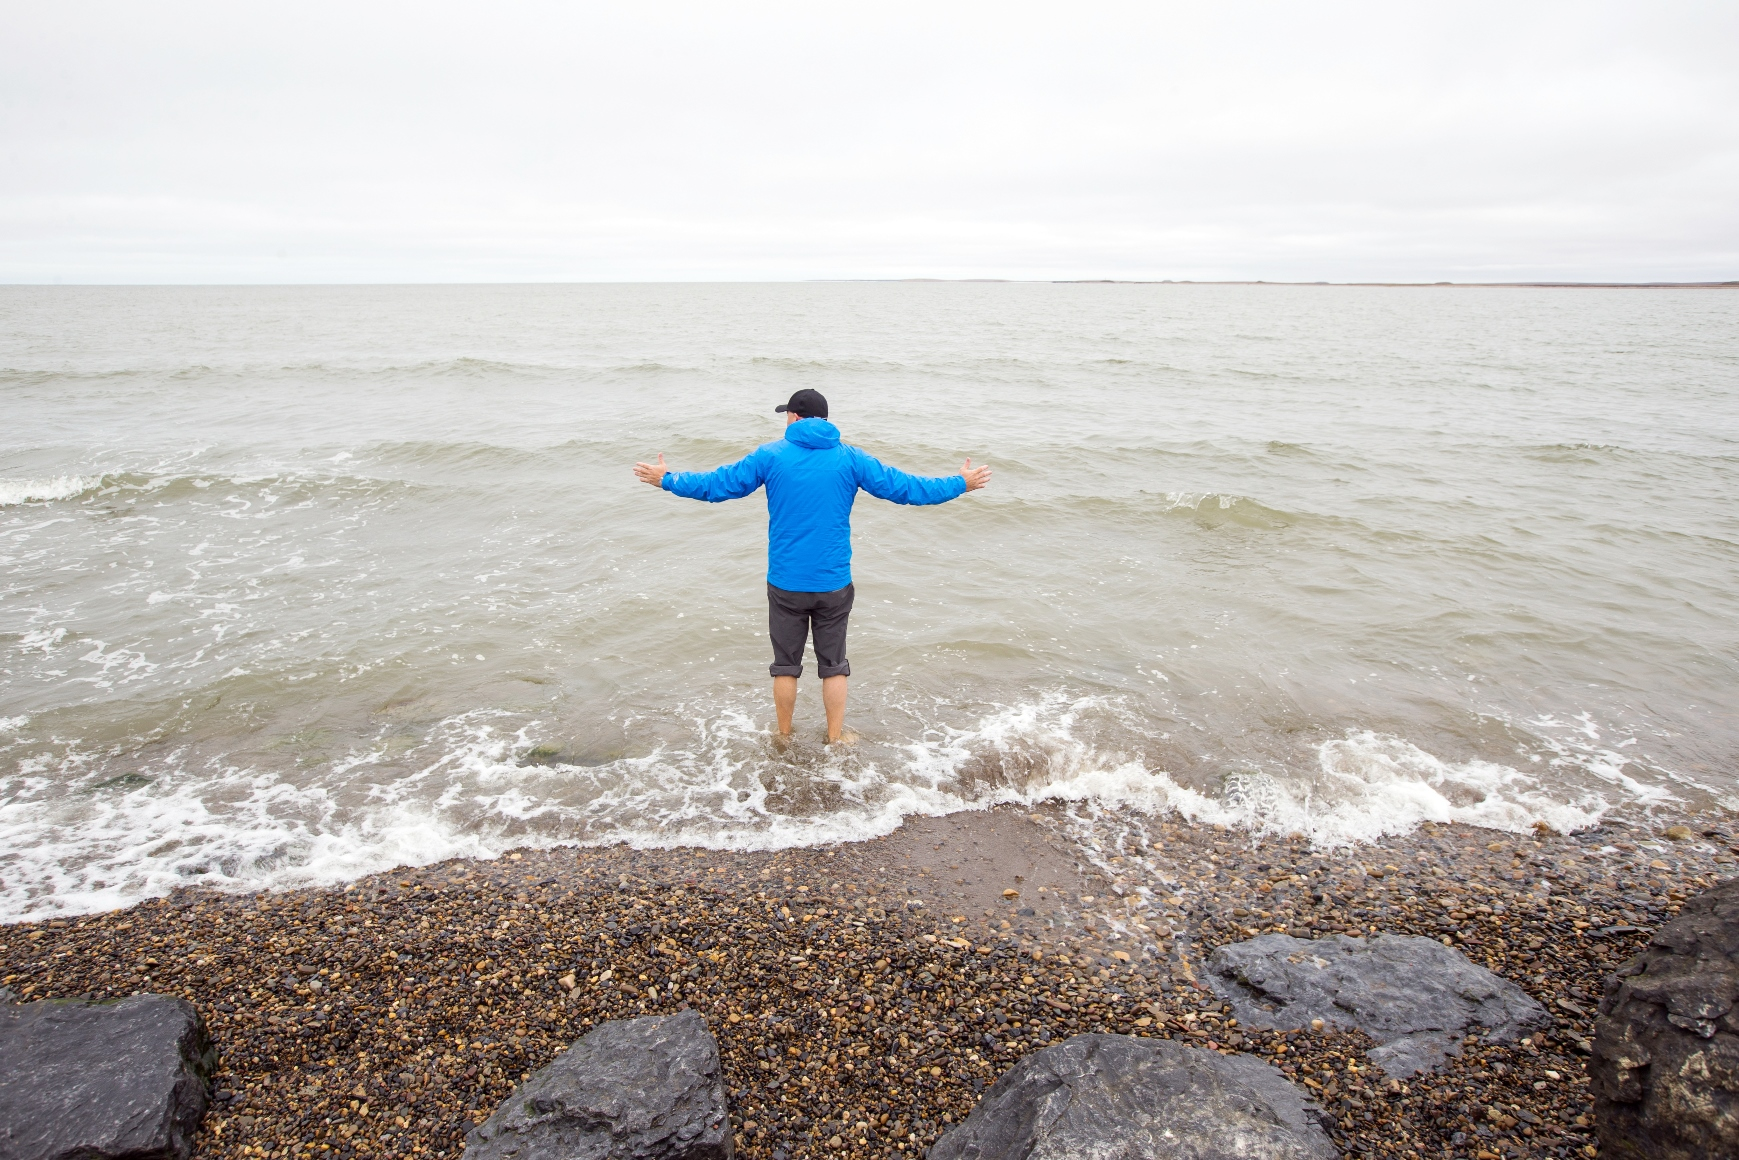 念願の北極海に到達!©colinfield_NWT